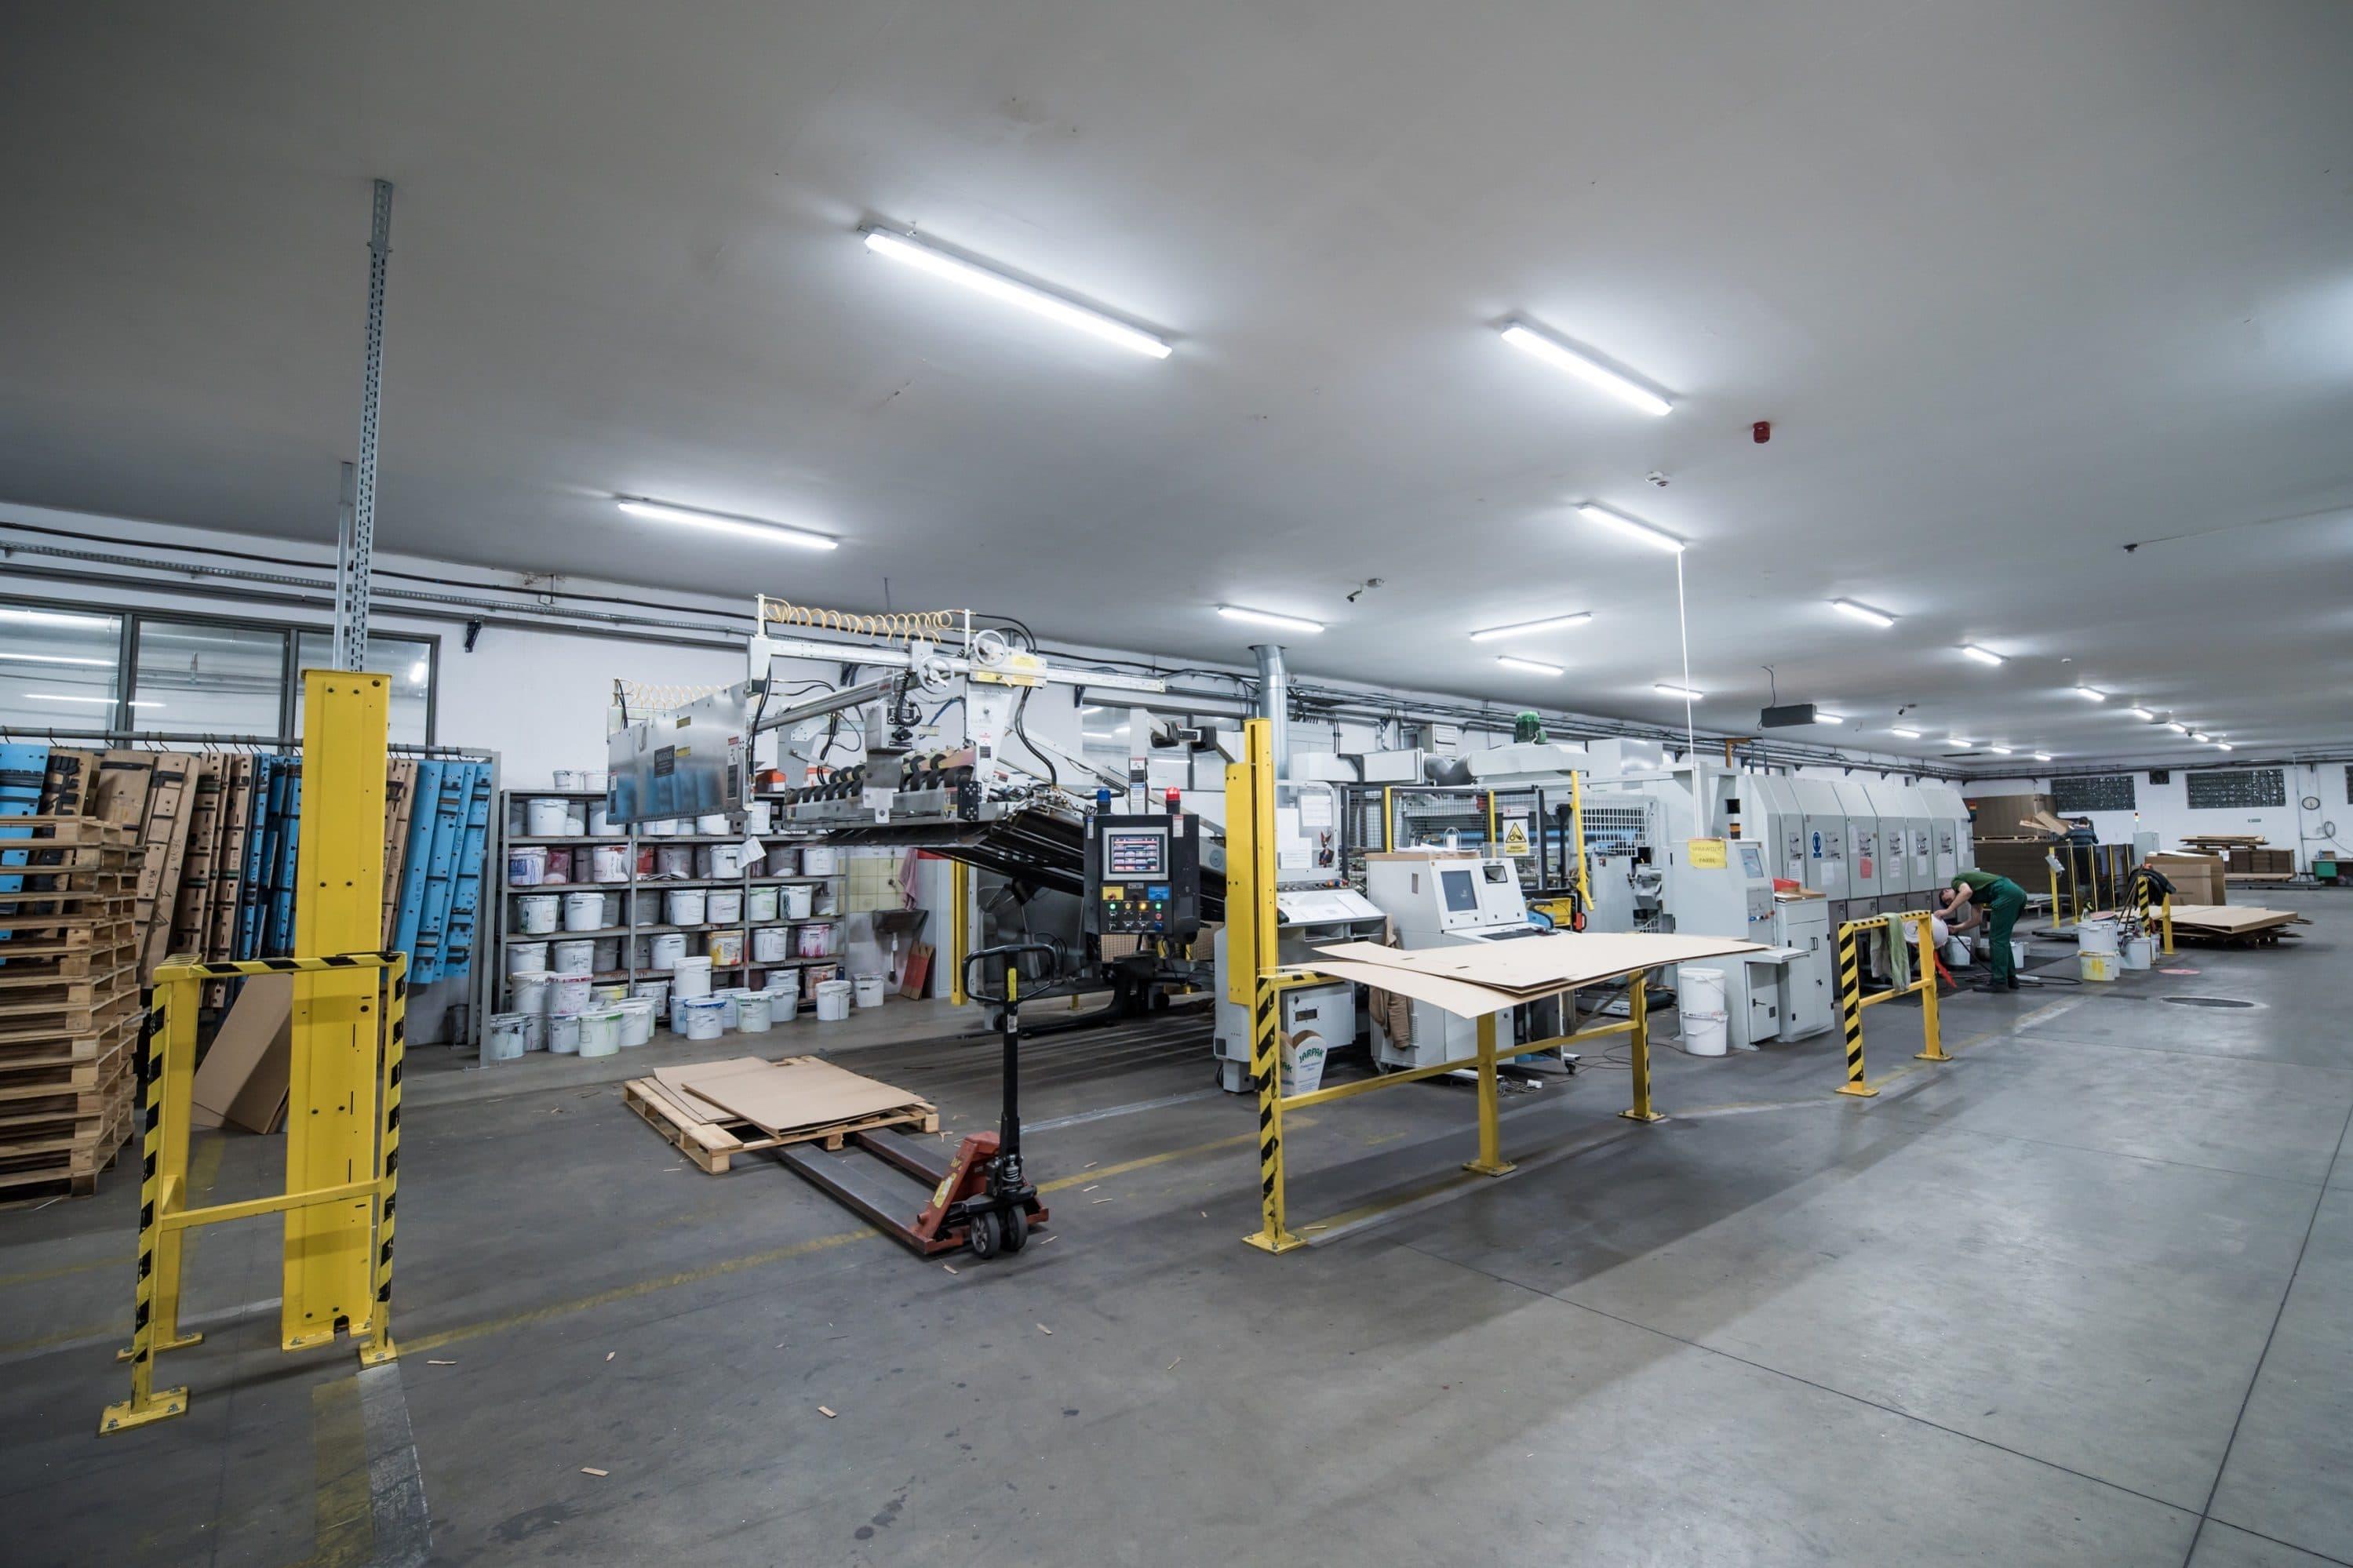 hala firmy Jarpak po modernizacji oświetlenia